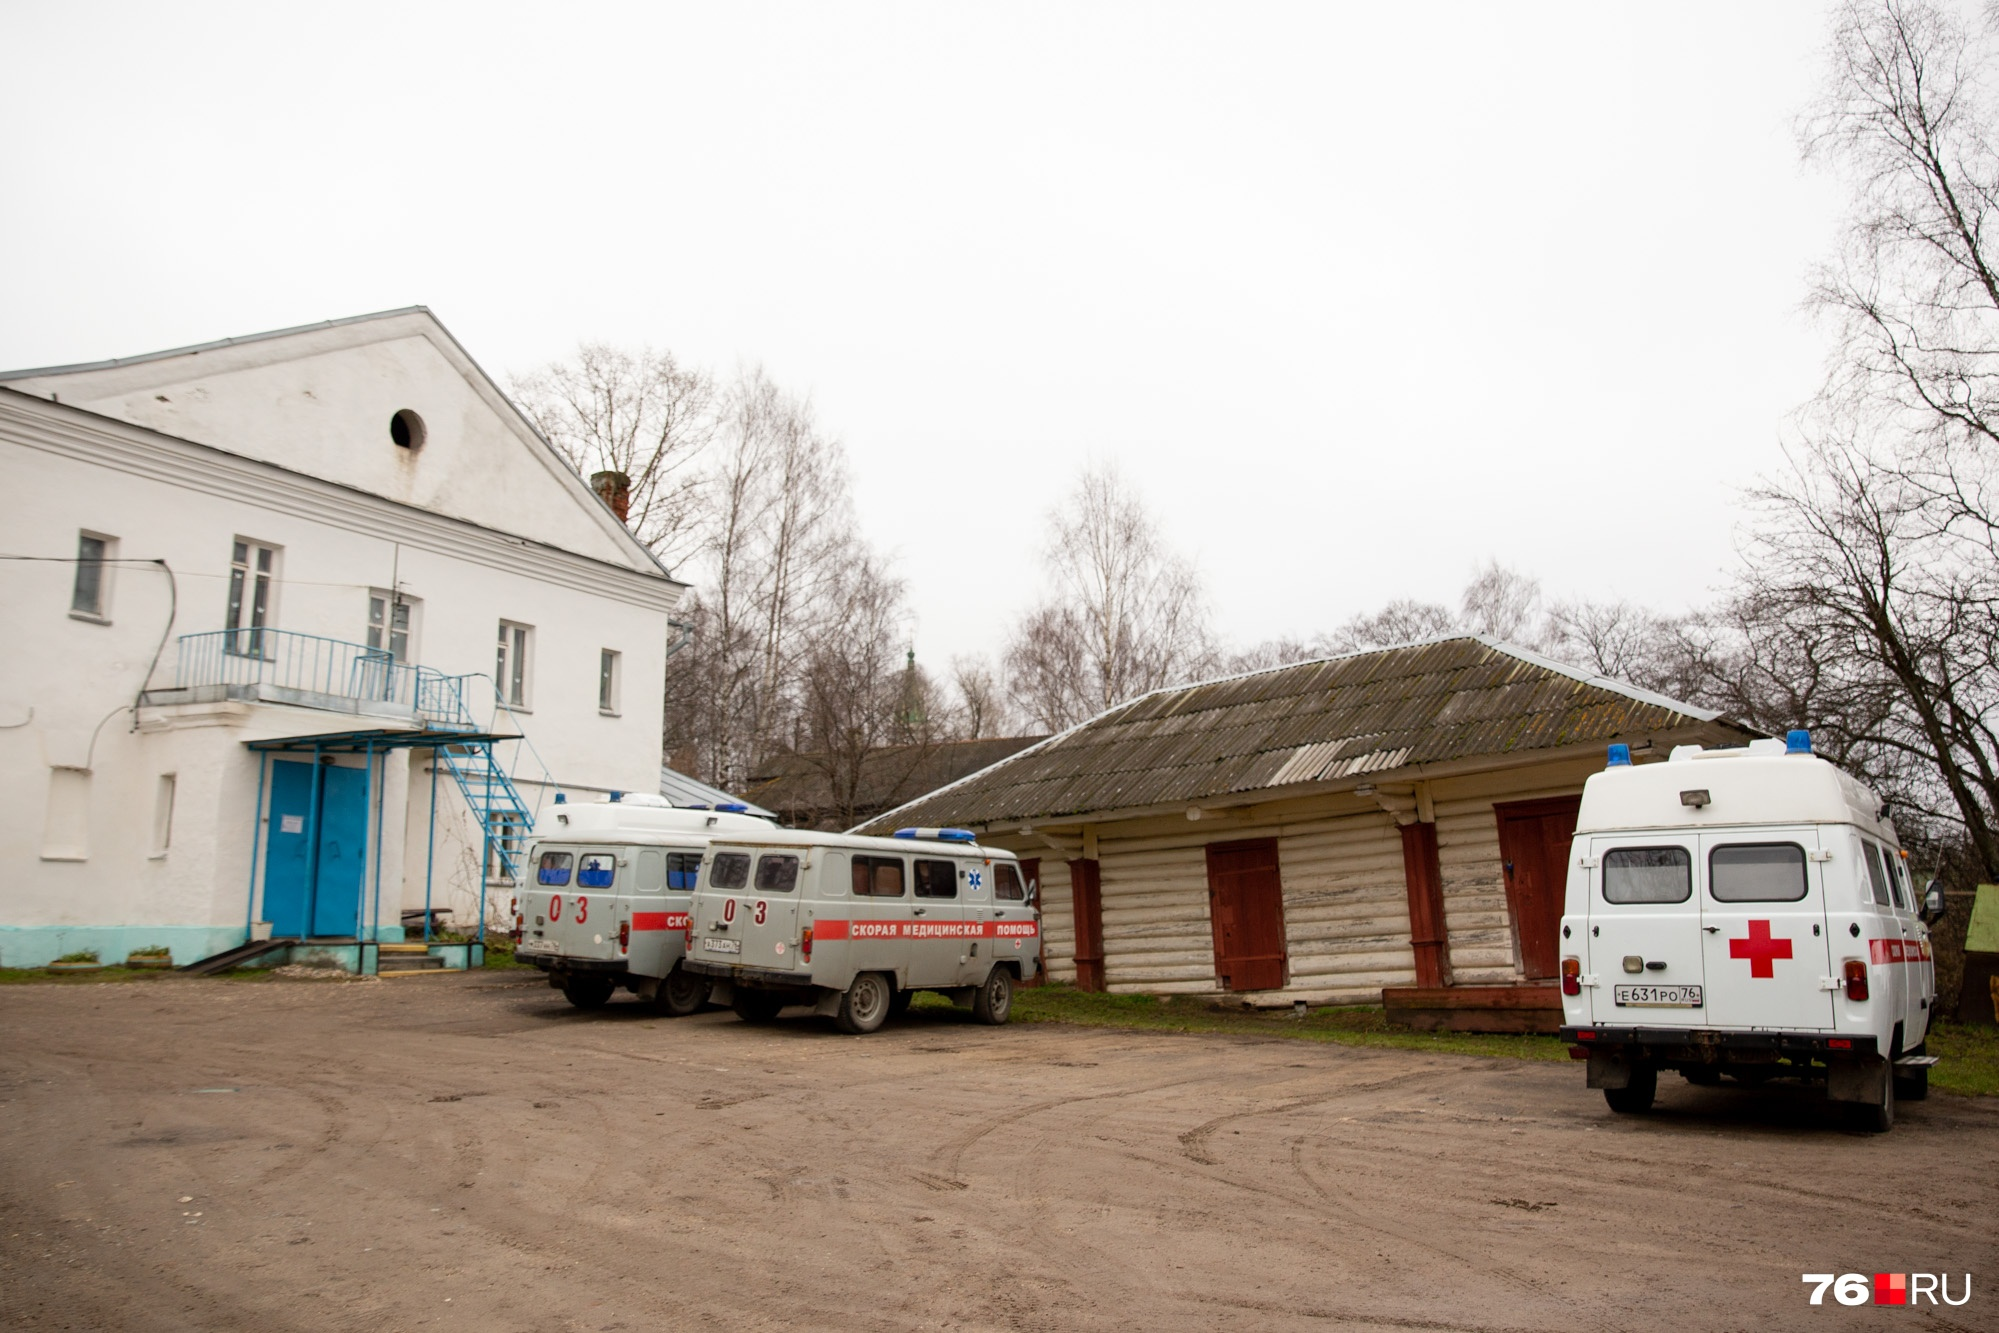 Врачи местной станции скорой помощи говорят, что могут отвезти пациента на другой берег, но только в экстренных случаях